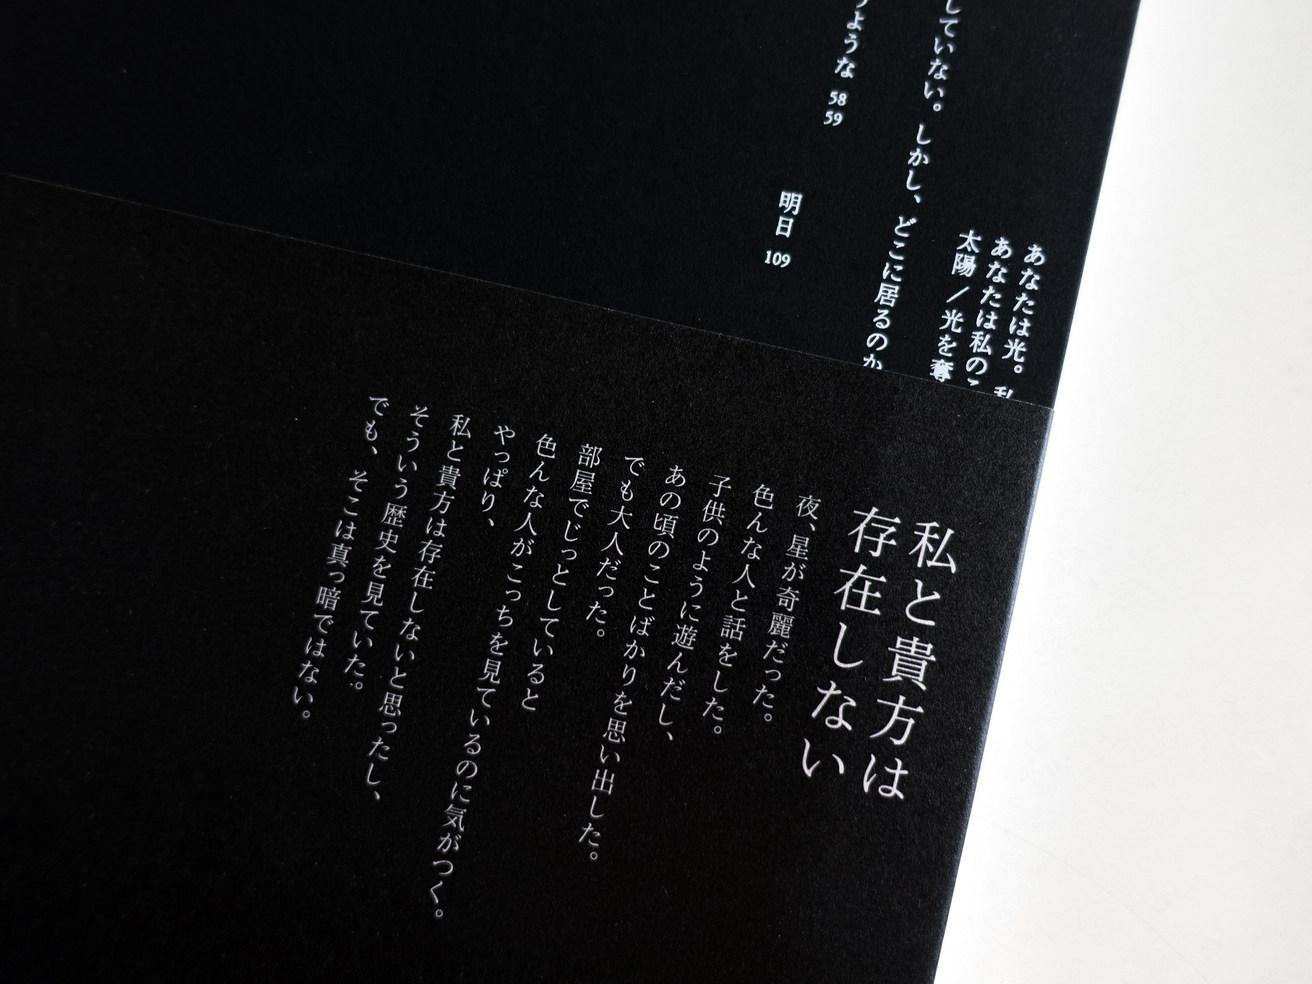 """秦雅則 Hata Masanori """"ZOI&HEO"""" (厳奈那堂、A組織 , Dec 2019)"""